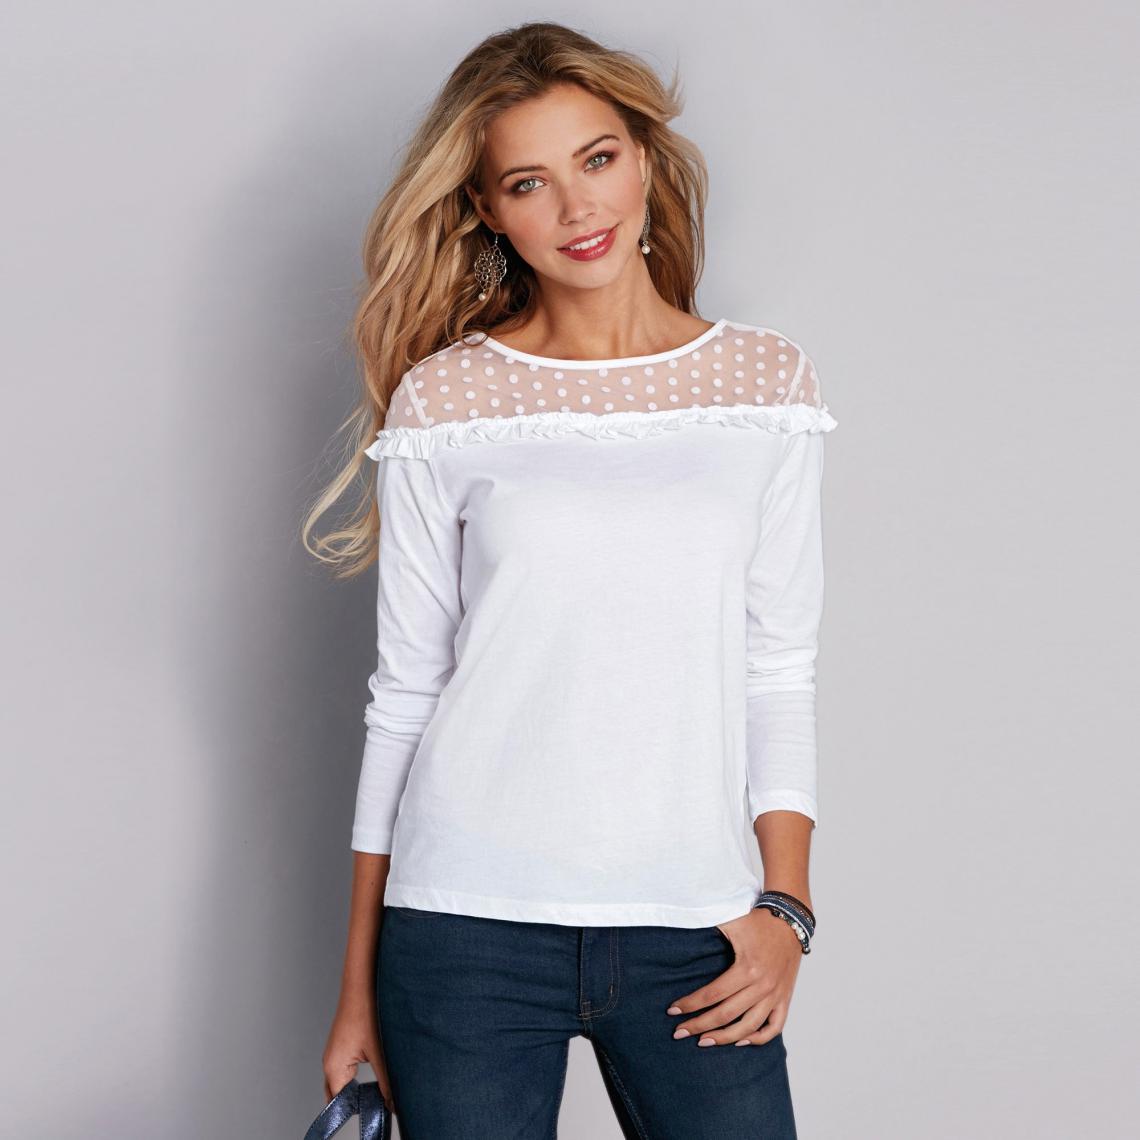 2f3db9acc14 Tee-shirt manches longues volant et plumetis femme - Blanc 3 SUISSES Femme